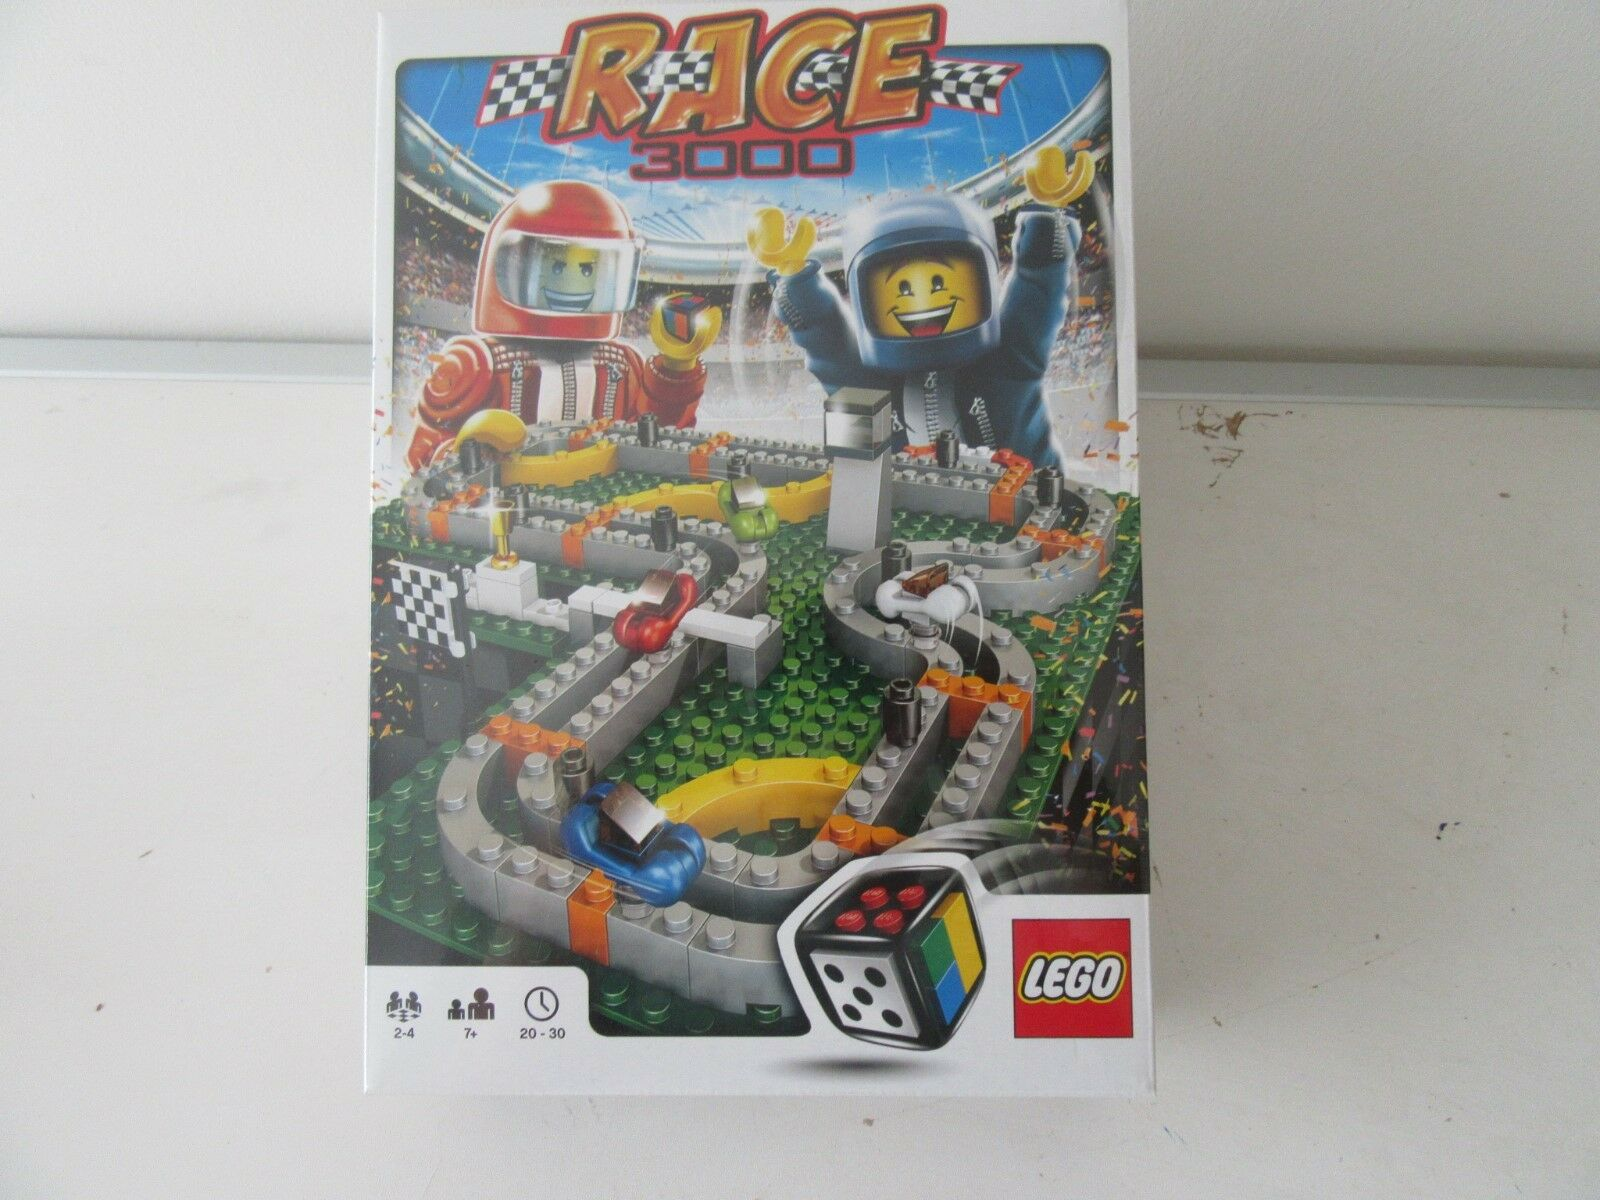 LEGO ®  3839  gezelschapspel  Race 3000  vendita di offerte